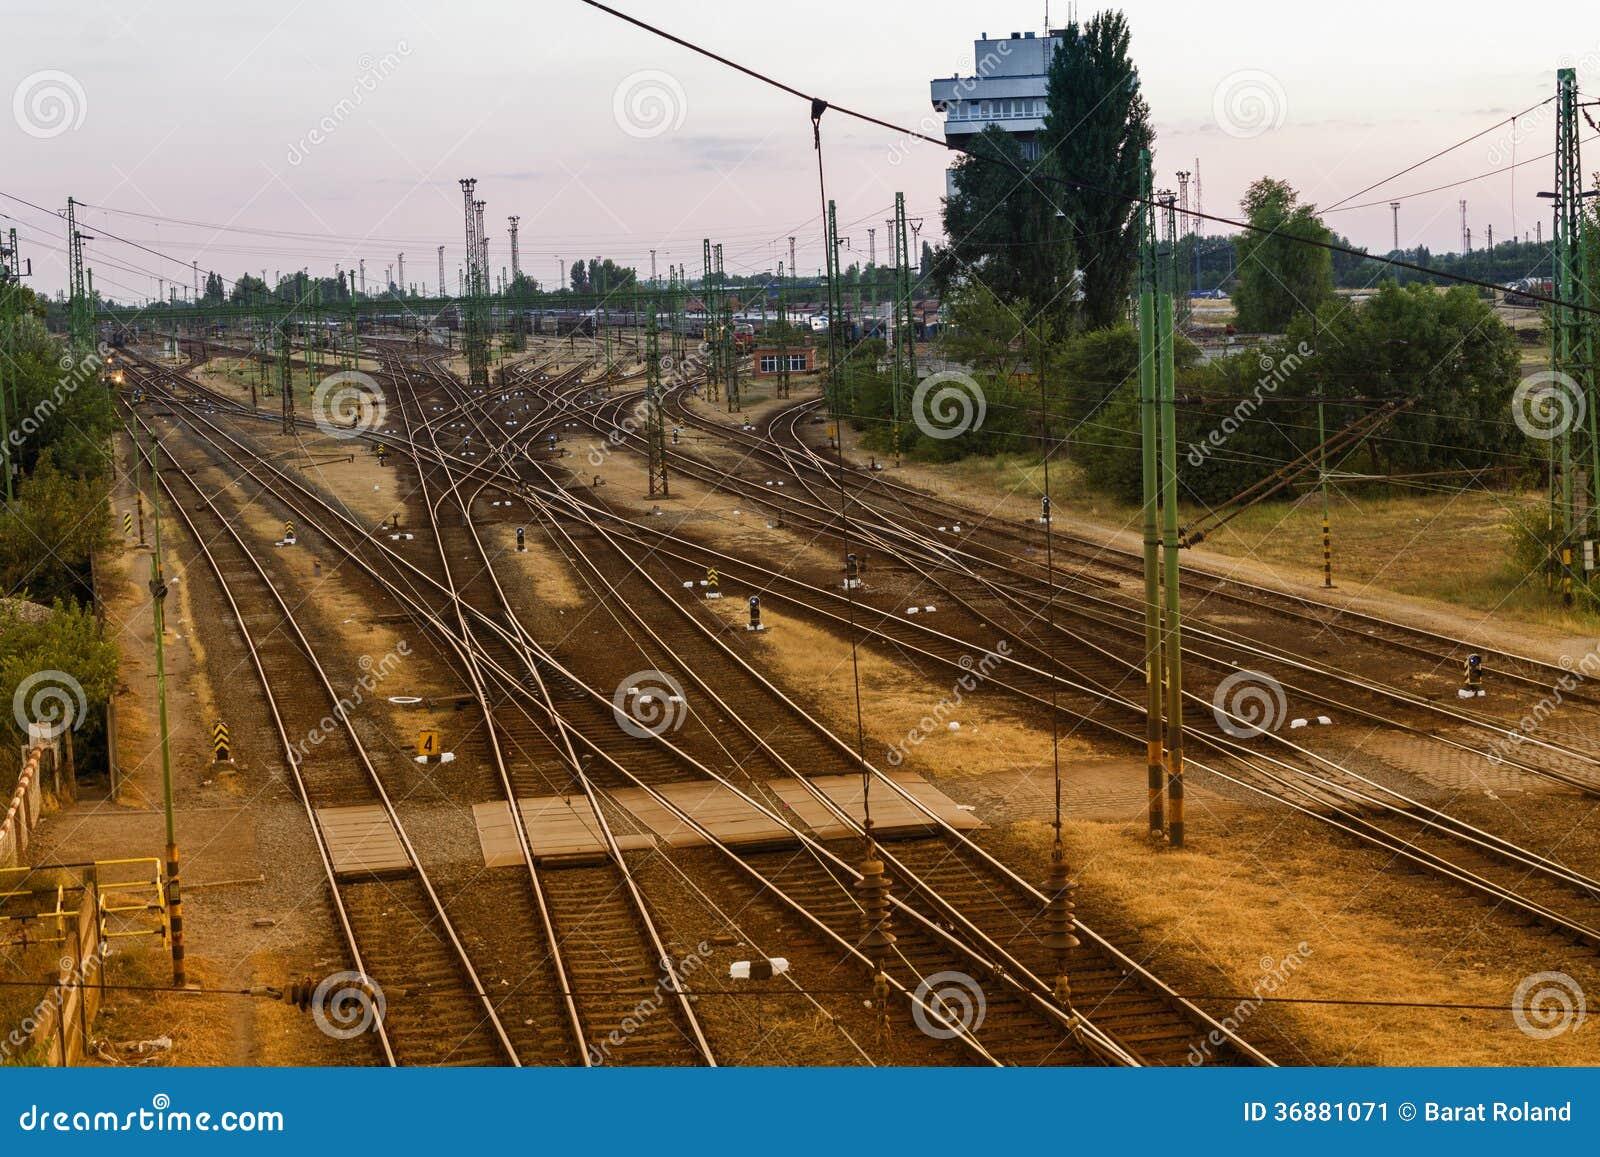 Download Stazione ferroviaria immagine stock. Immagine di sera - 36881071